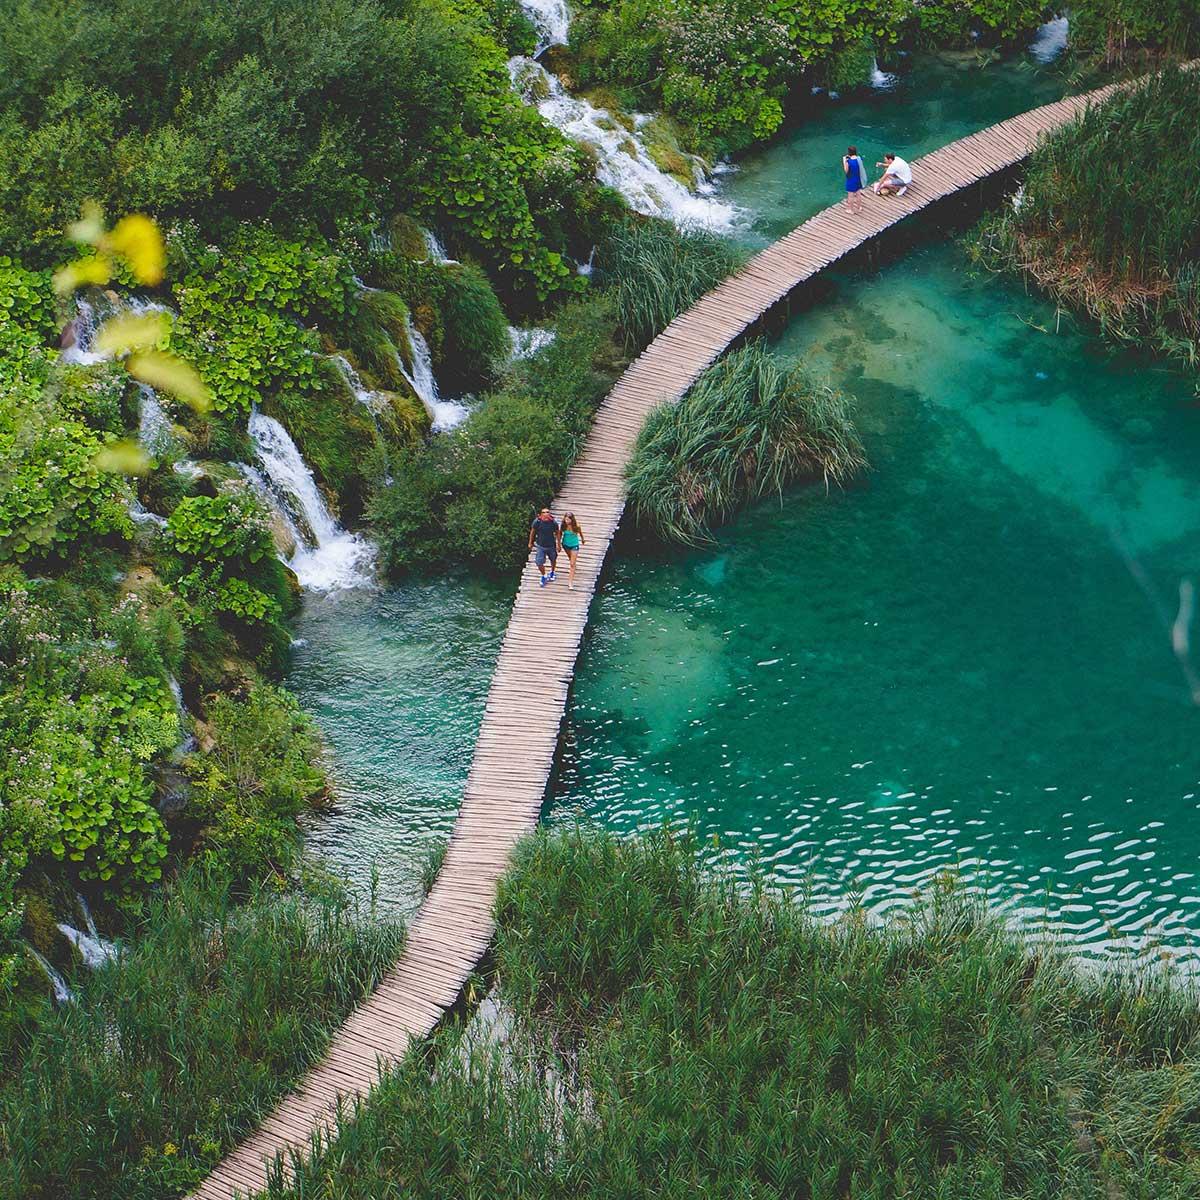 https://kultturist.hu/new/wp-content/uploads/2019/08/kult-turist-ith-croatia.jpg